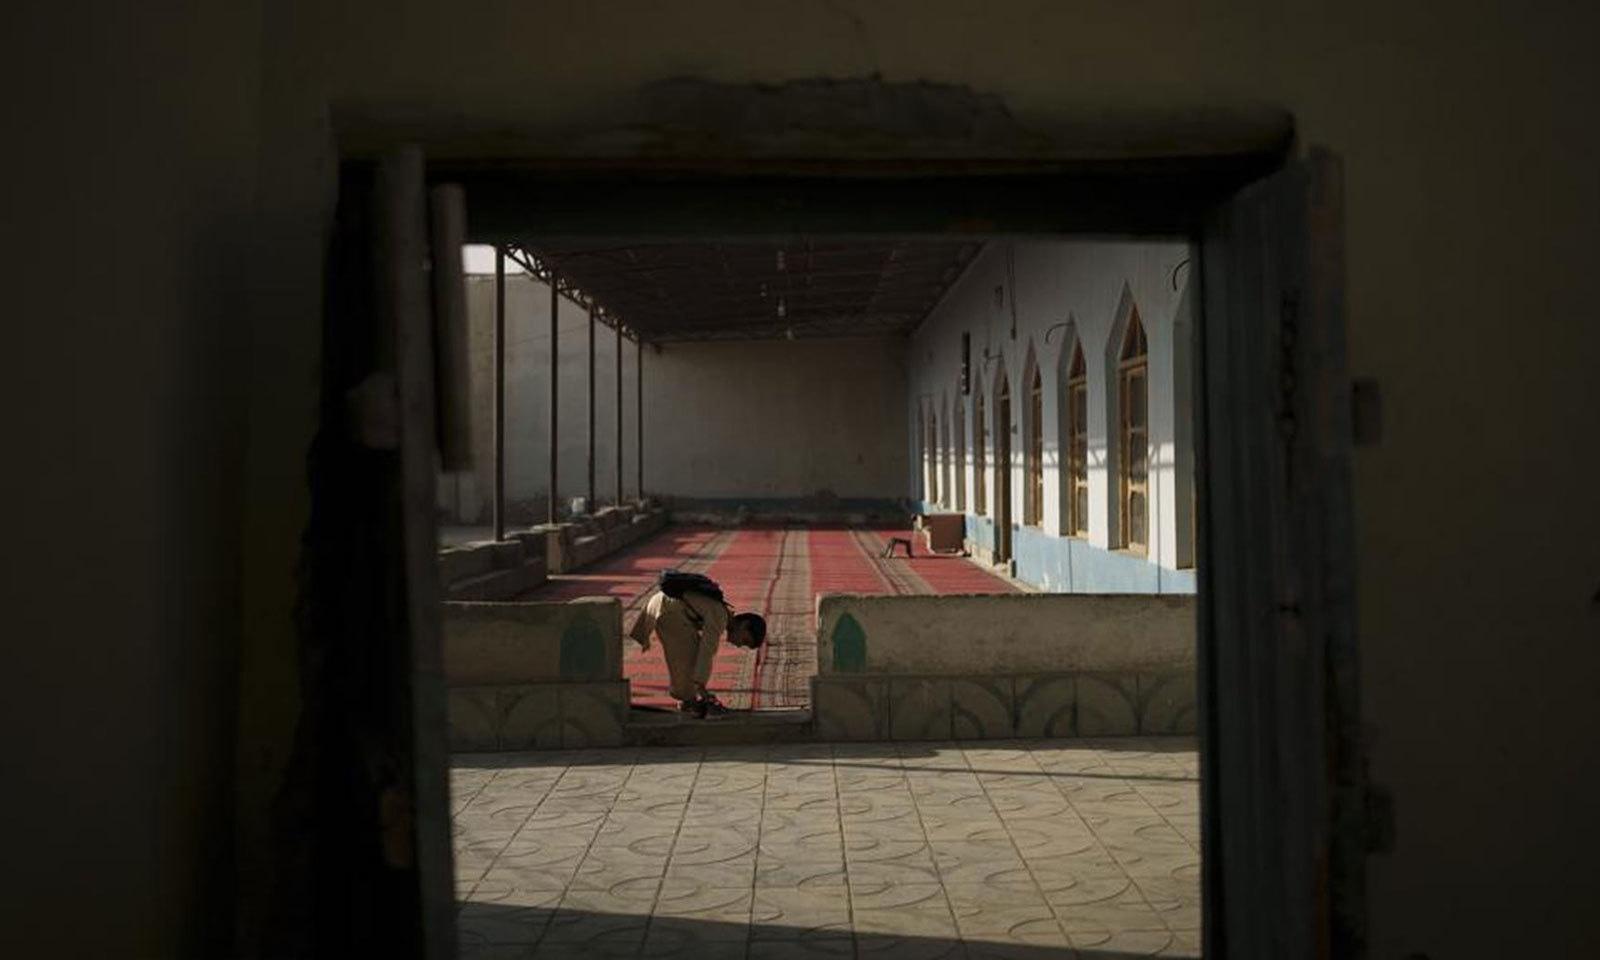 مدرسے کی جماعت میں داخل ہونے سے قبل ایک بچہ اپنے جوتے اتار رہا ہے—فوٹو: اے پی